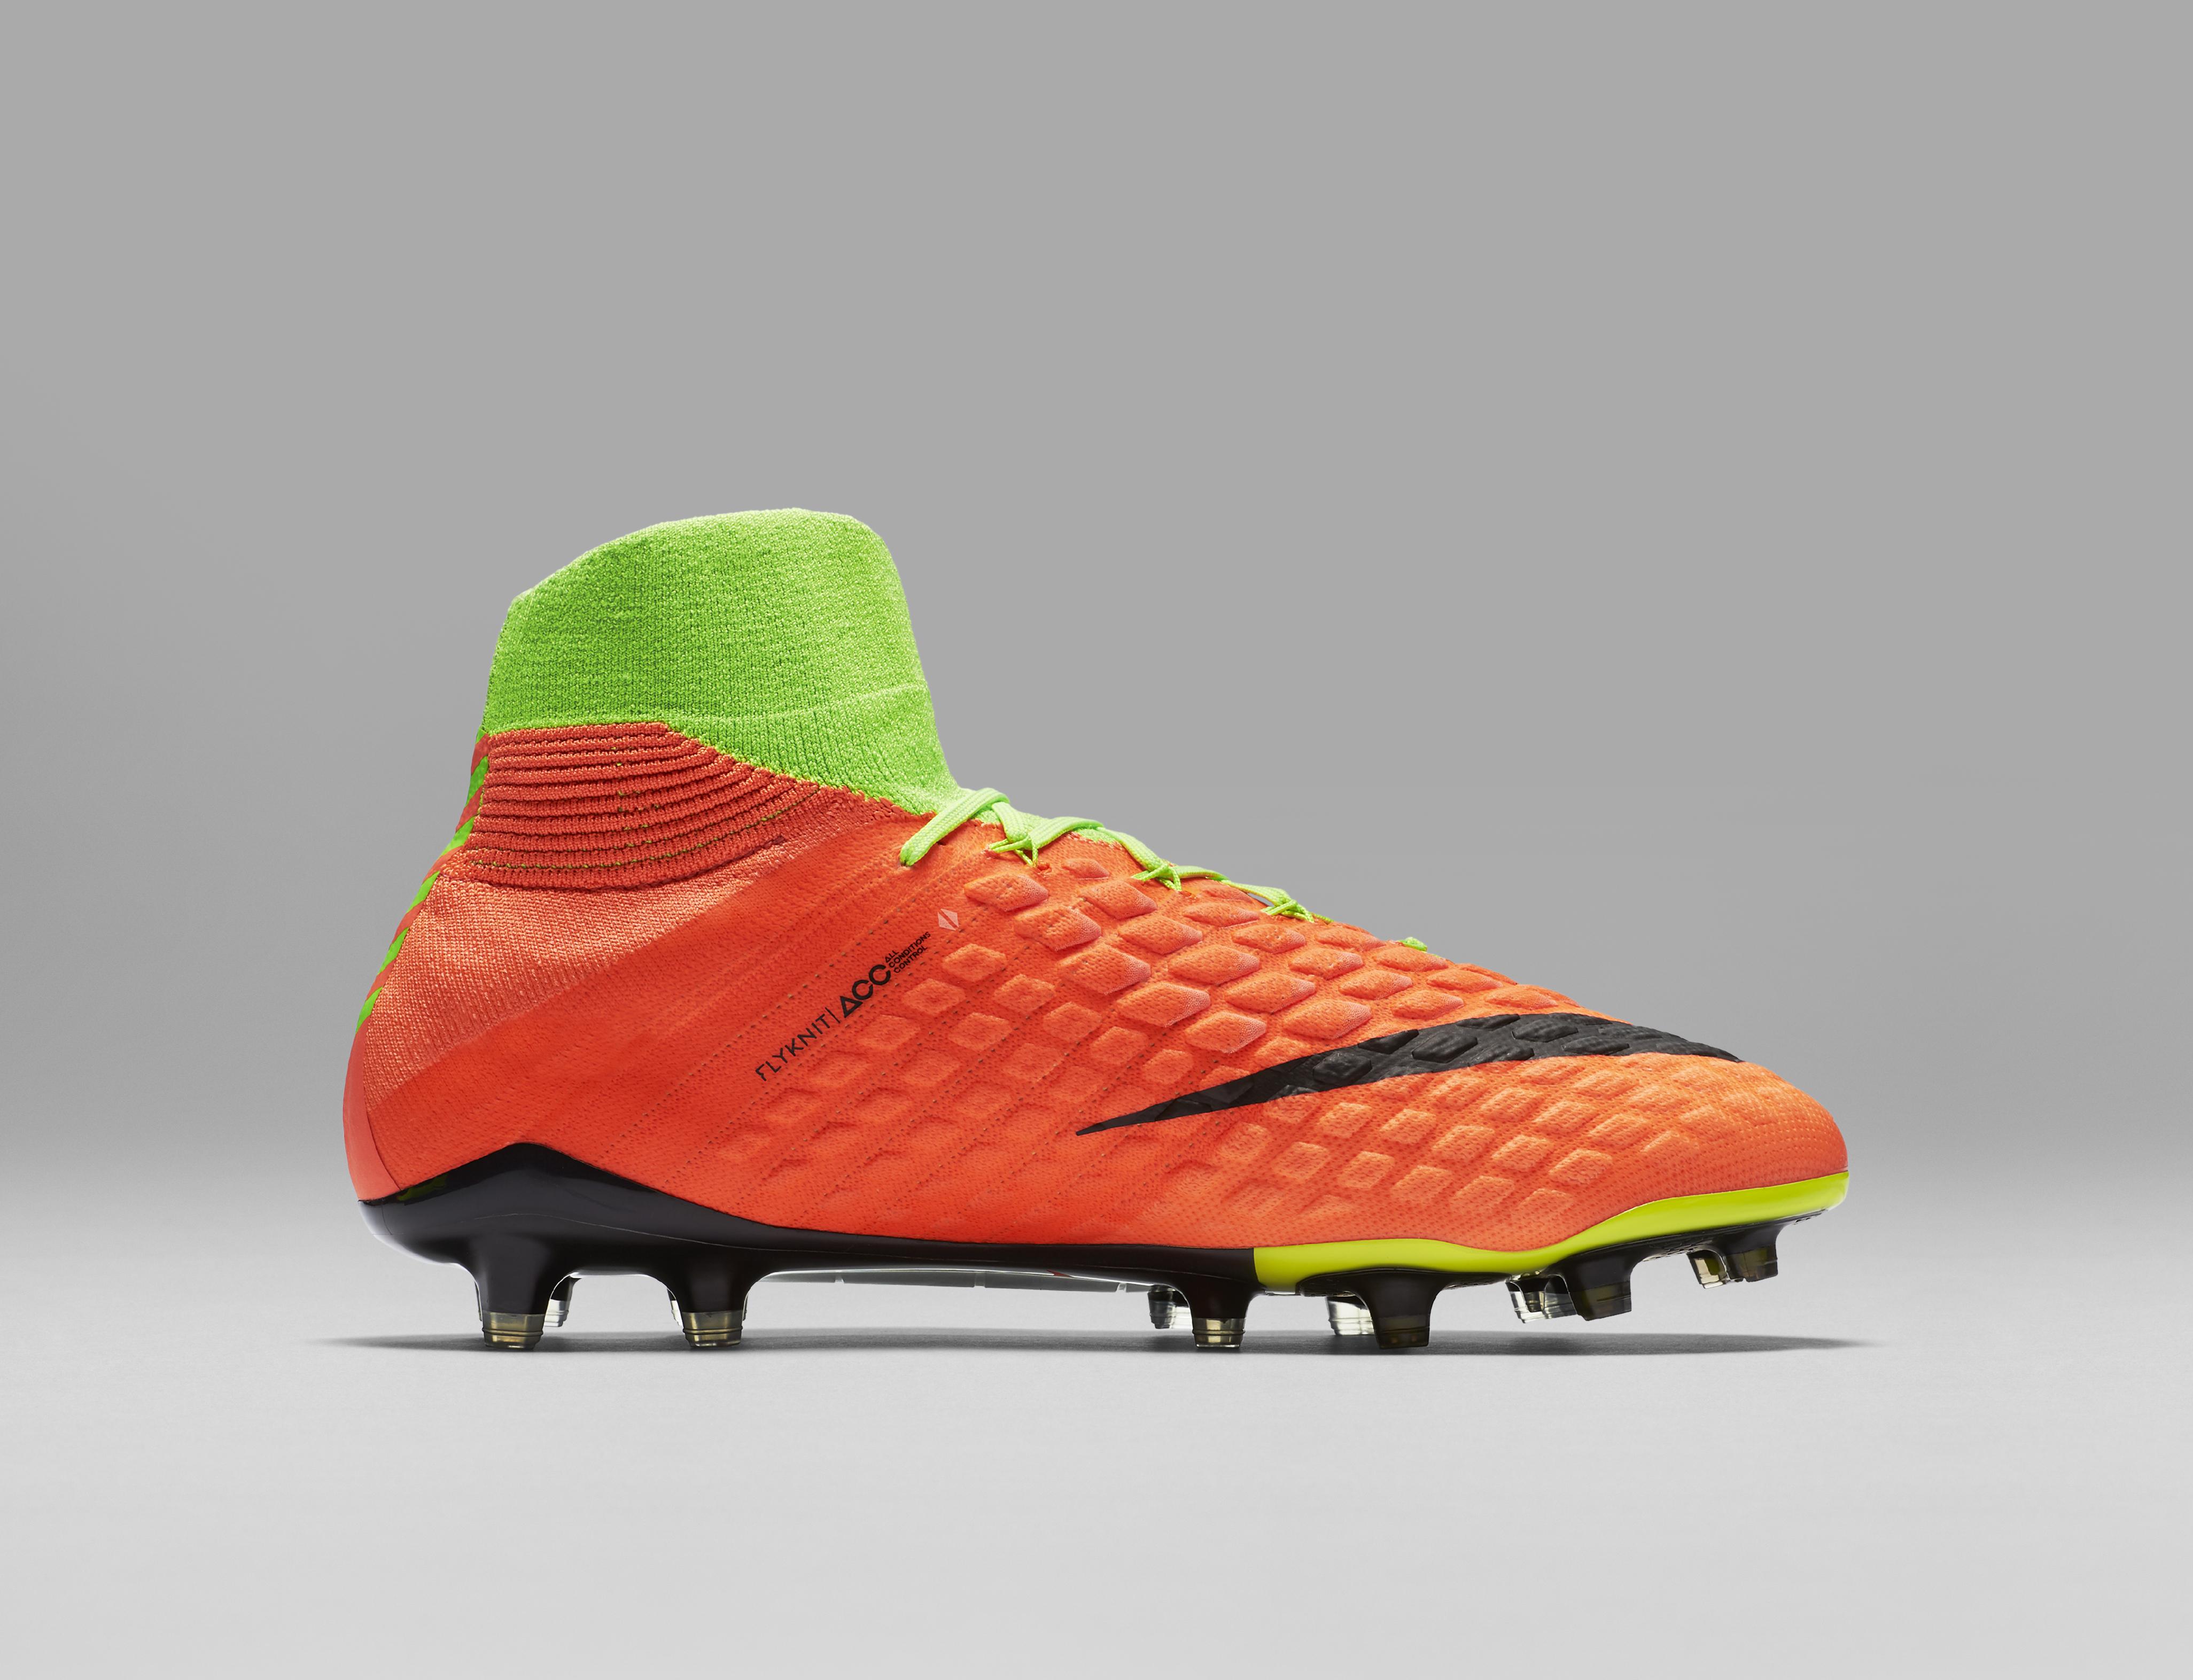 nuovo modello di scarpe della nike